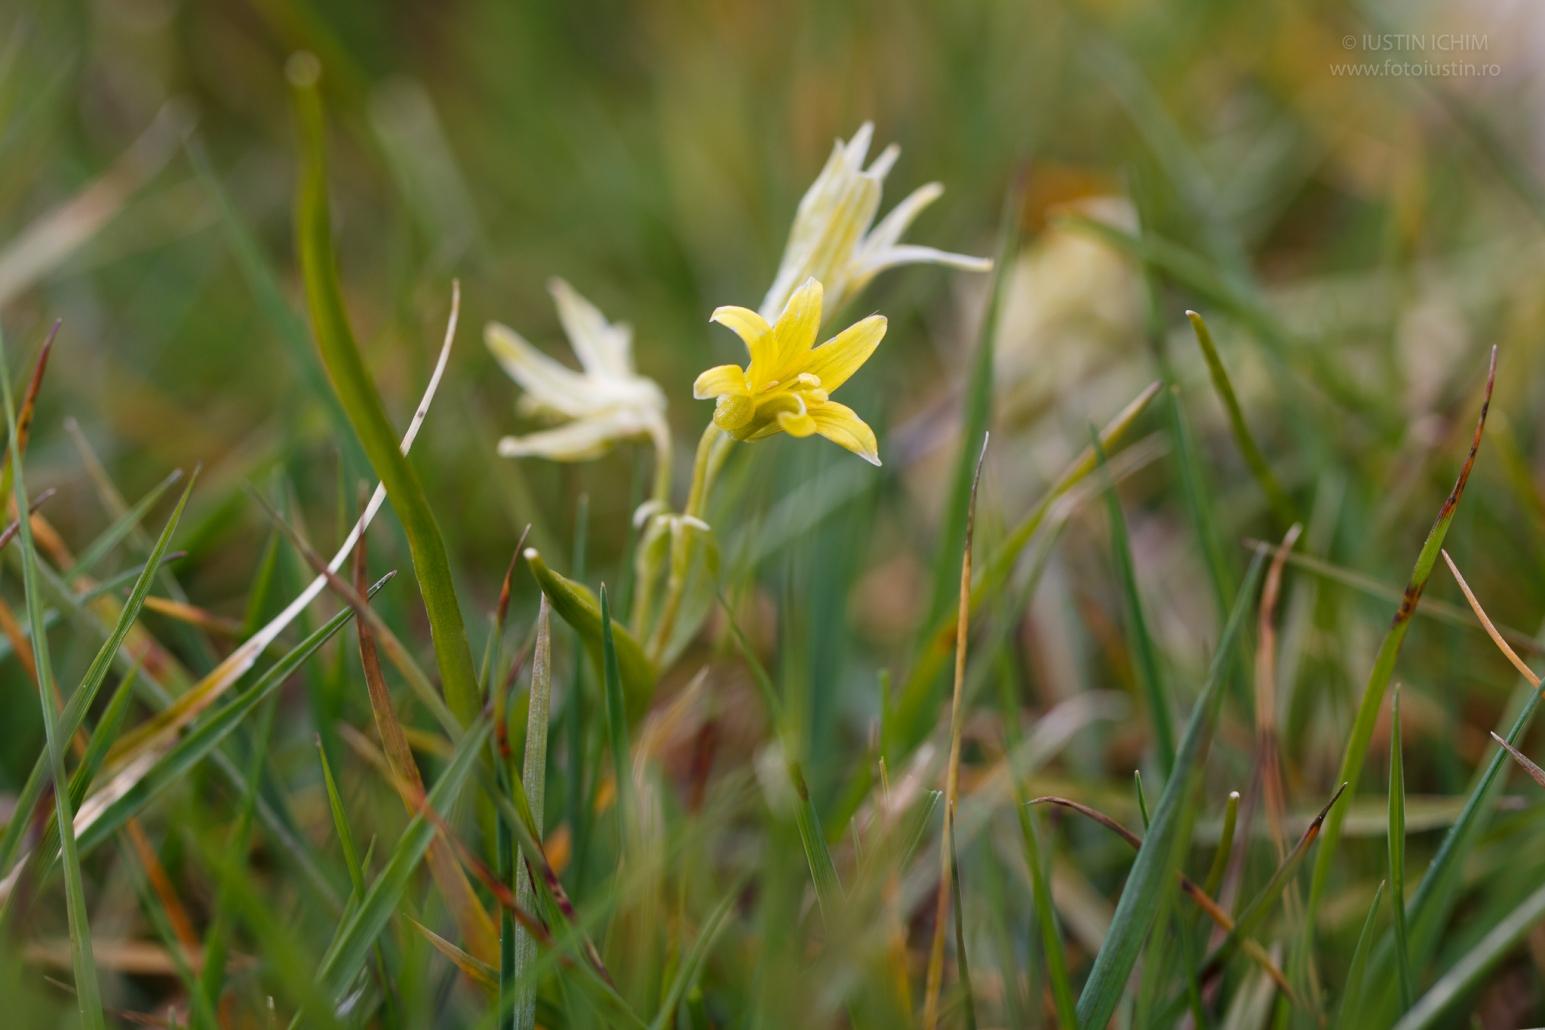 Gagea pratensis, ceapa-ciorii, fam. Liliaceae